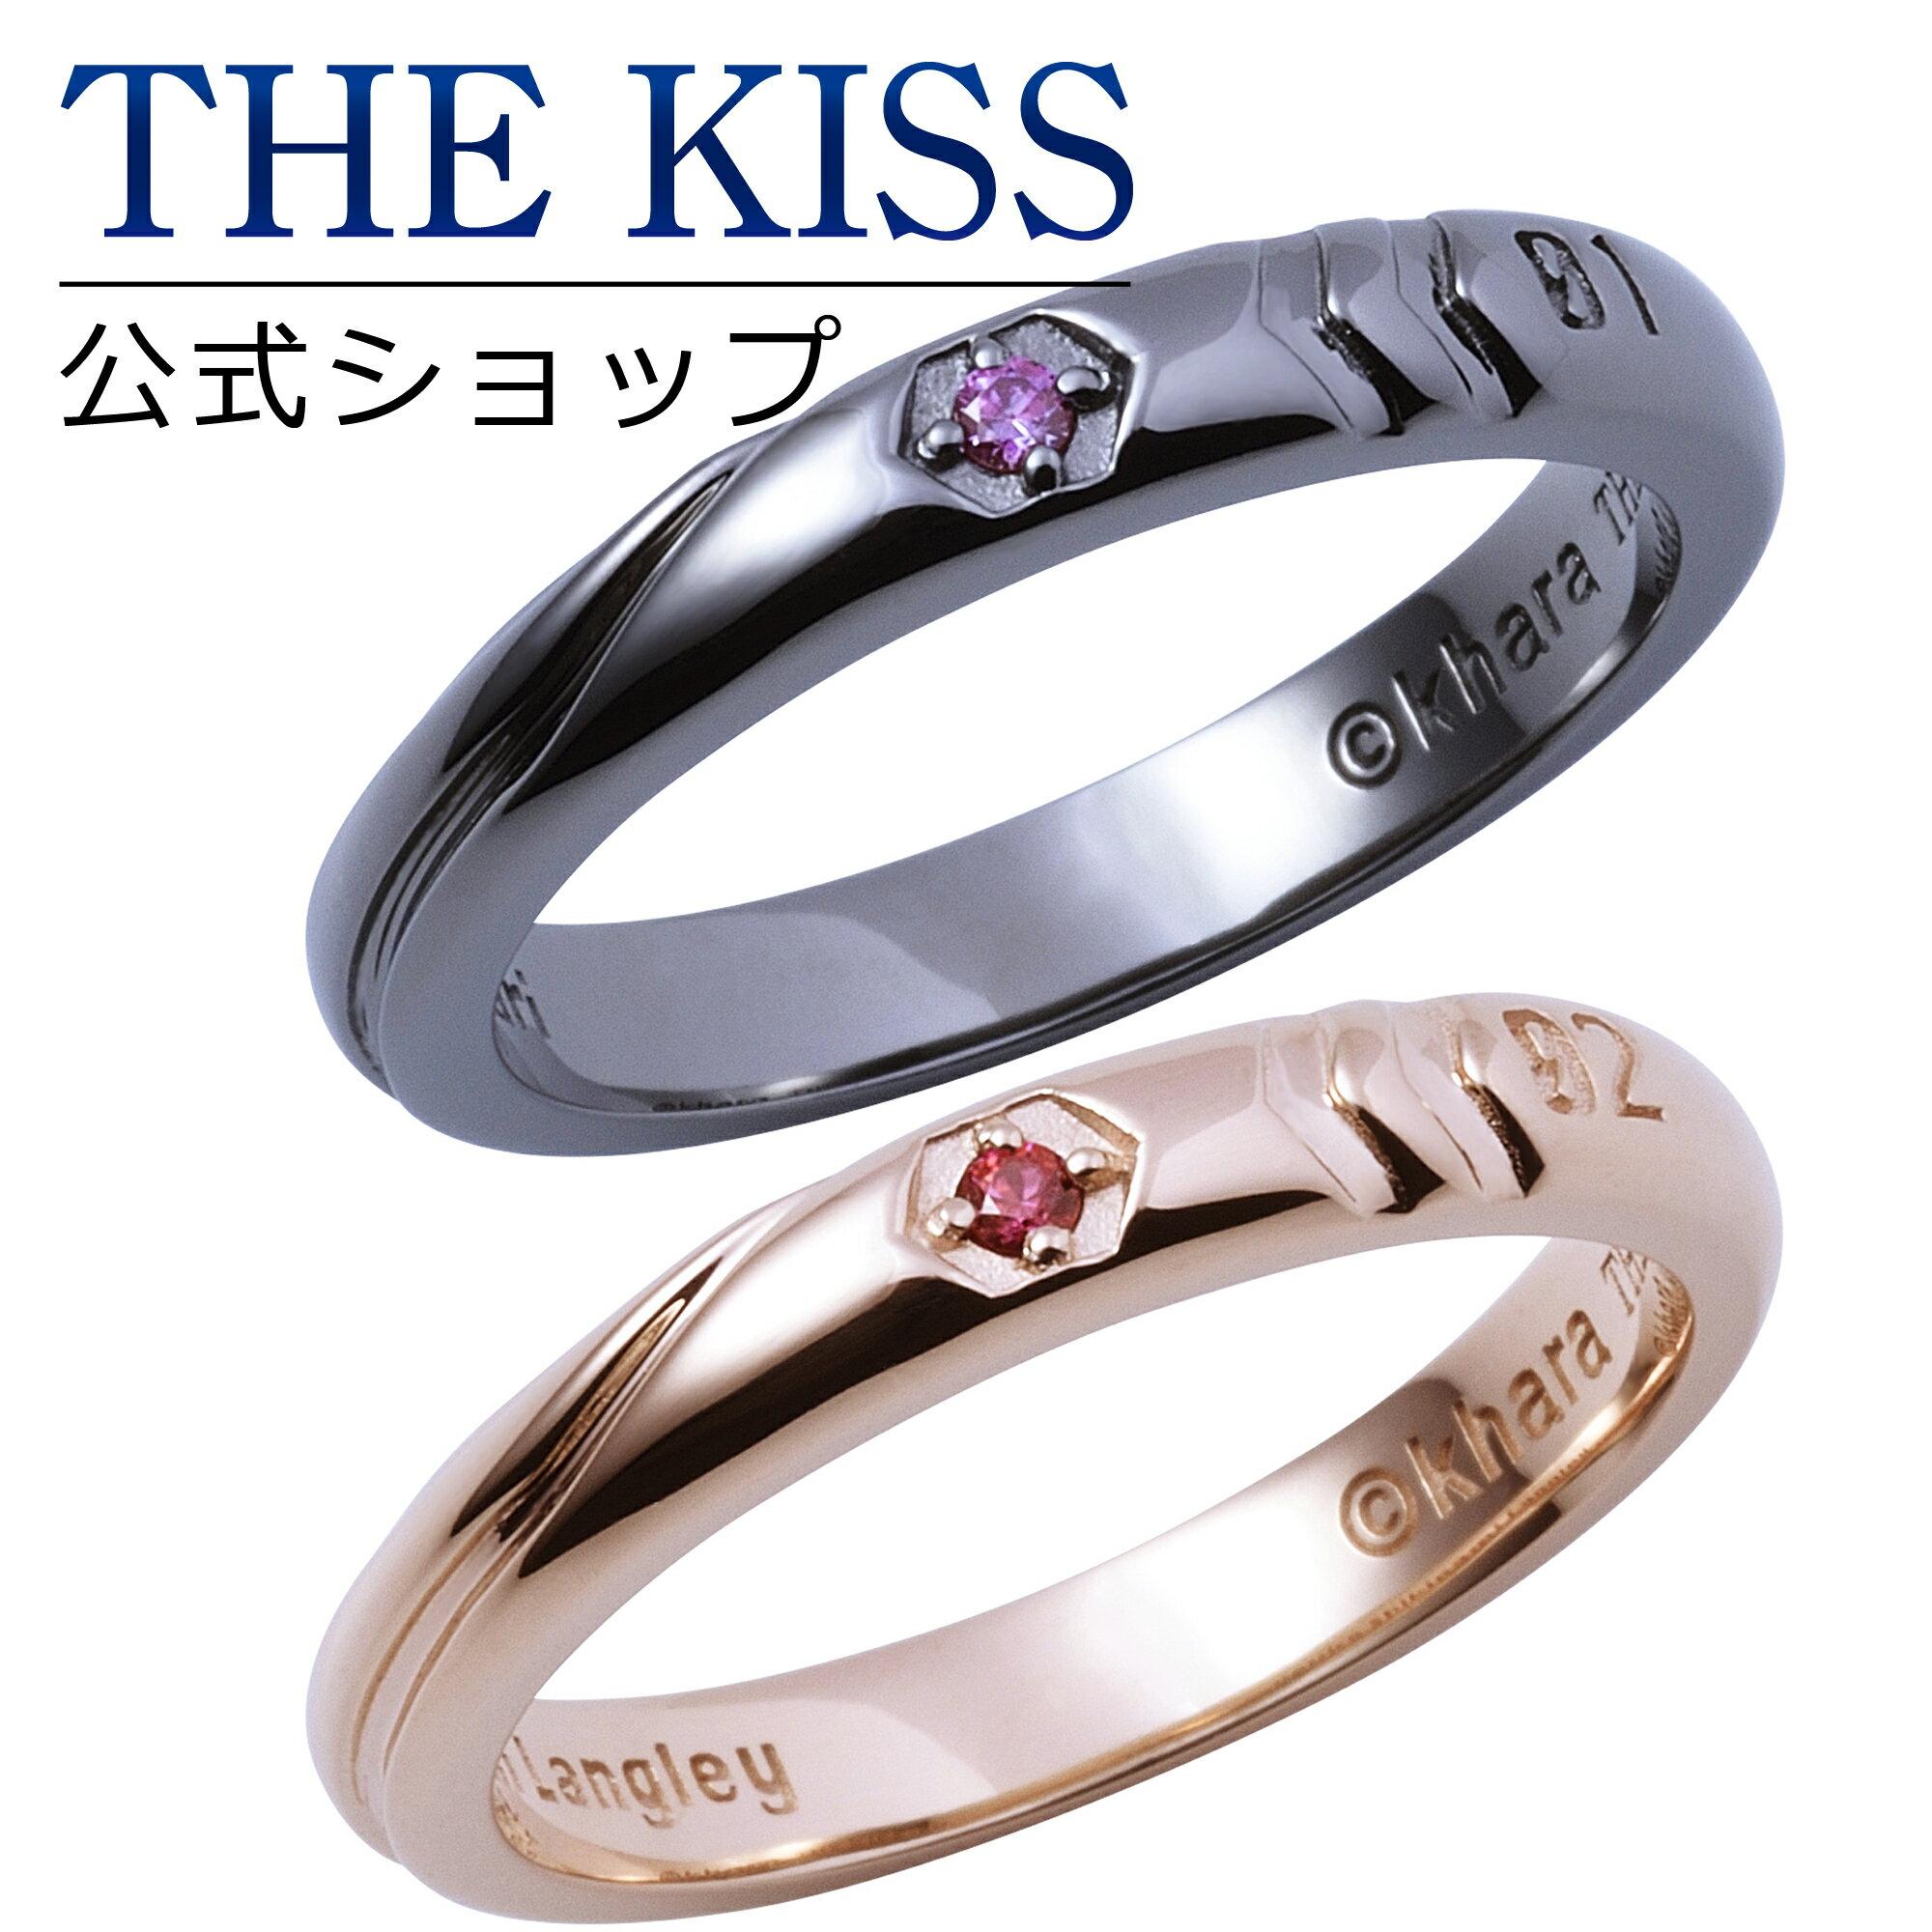 ペアアクセサリー, ペアリング THE KISS 2 EVANGELION THE KISS THEKISS 2 EVSR-17-EVSR-19